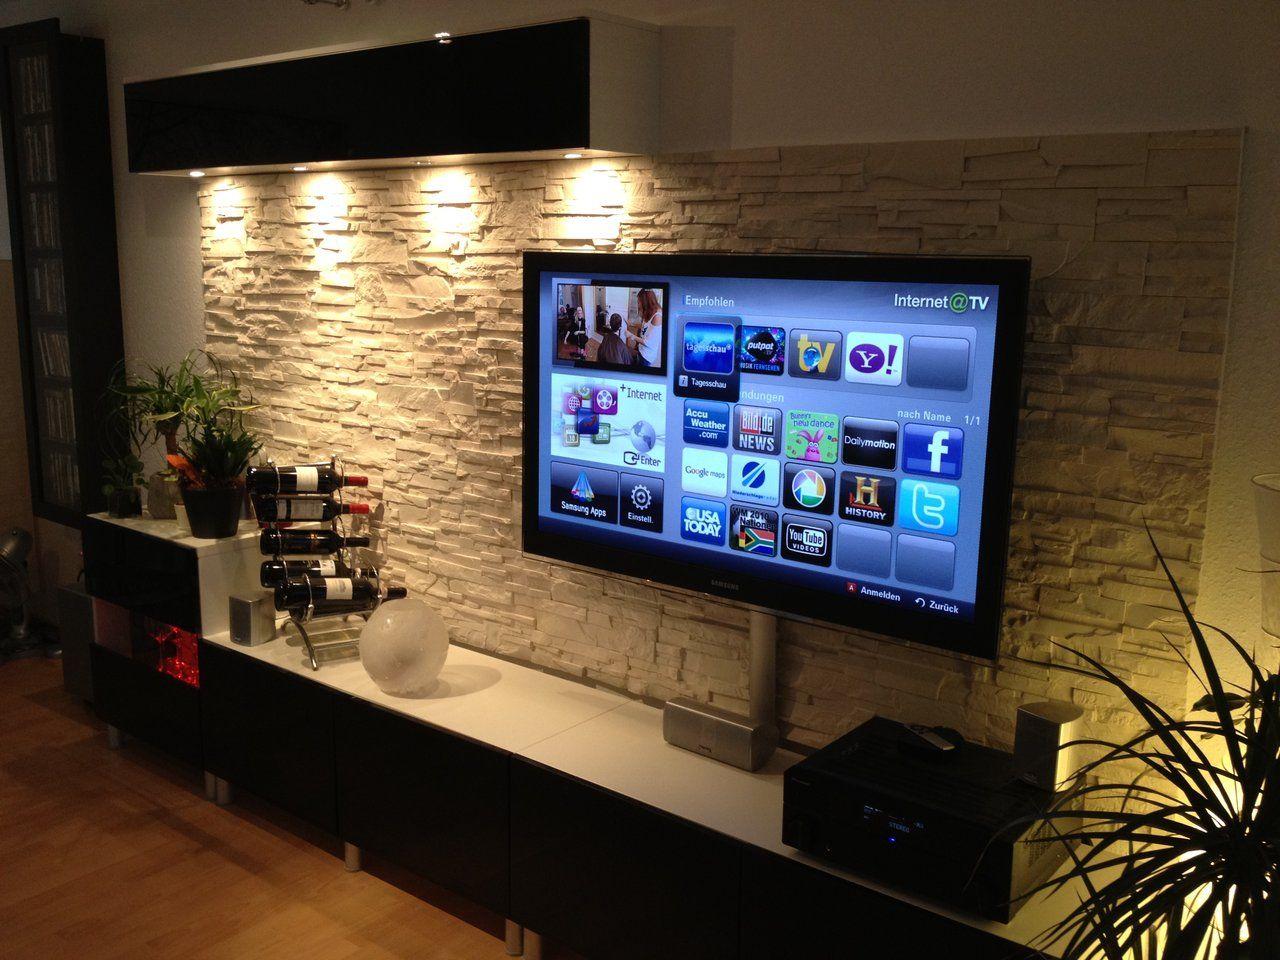 4 Stylish IKEA Besta Media Console Hacks | Google images, Google and ...